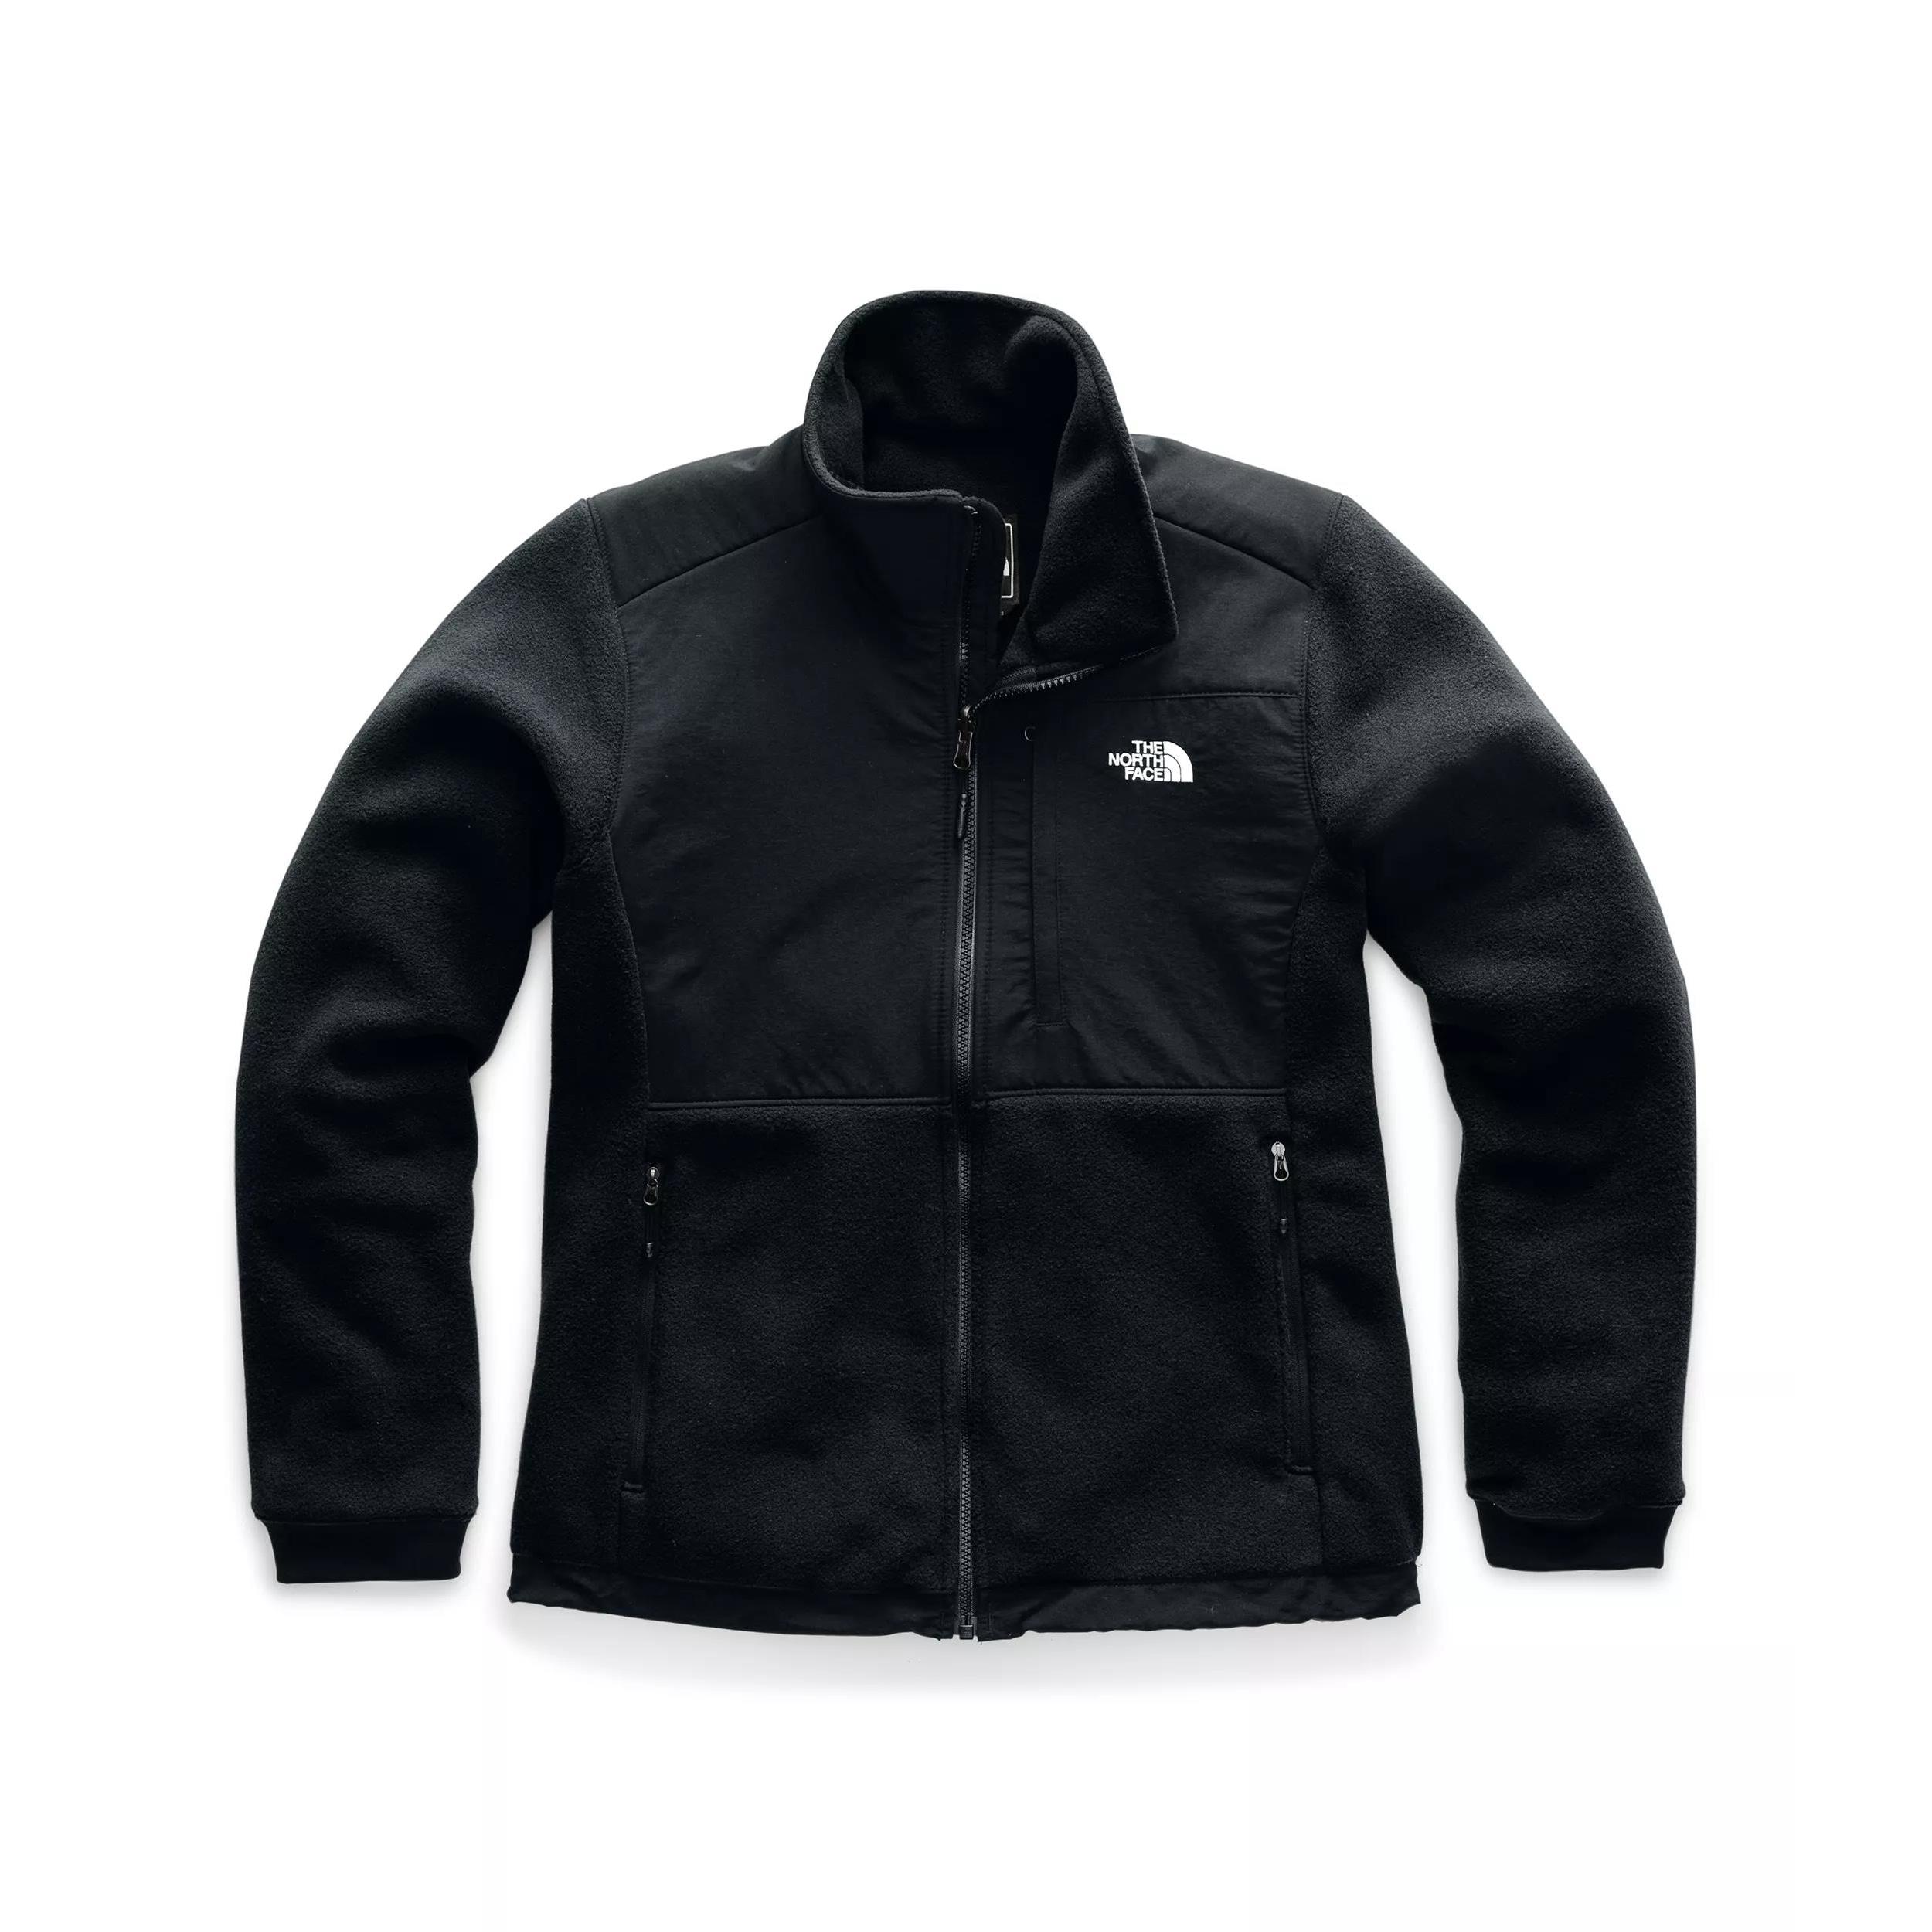 Denali 2 Jacket - Women's